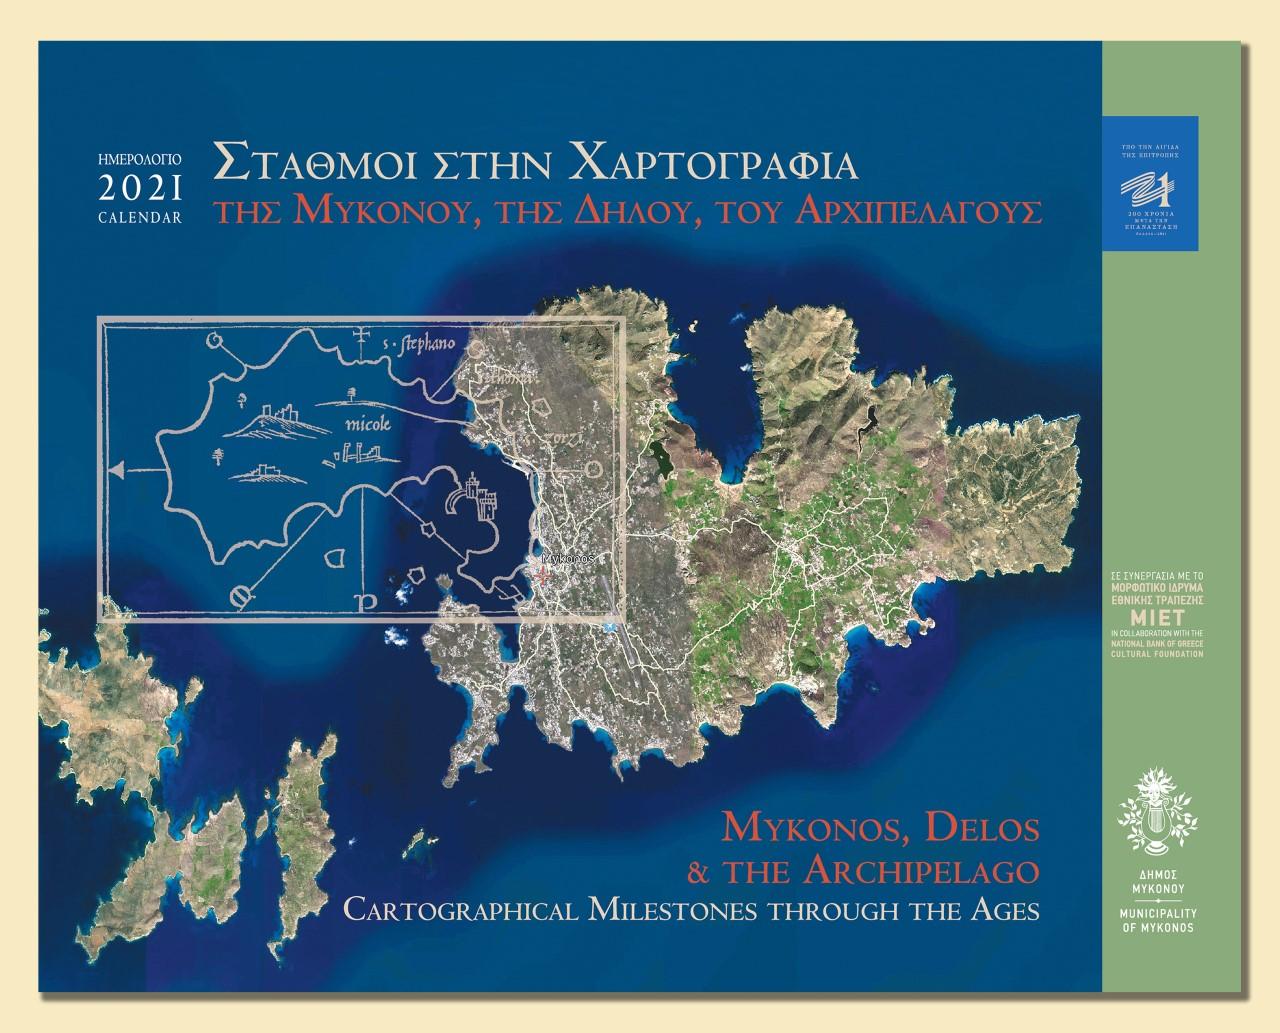 Το ημερολόγιο του Δήμου Μυκόνου: «Σταθμοί στη χαρτογραφία της Μυκόνου, της Δήλου, του αρχιπελάγους»